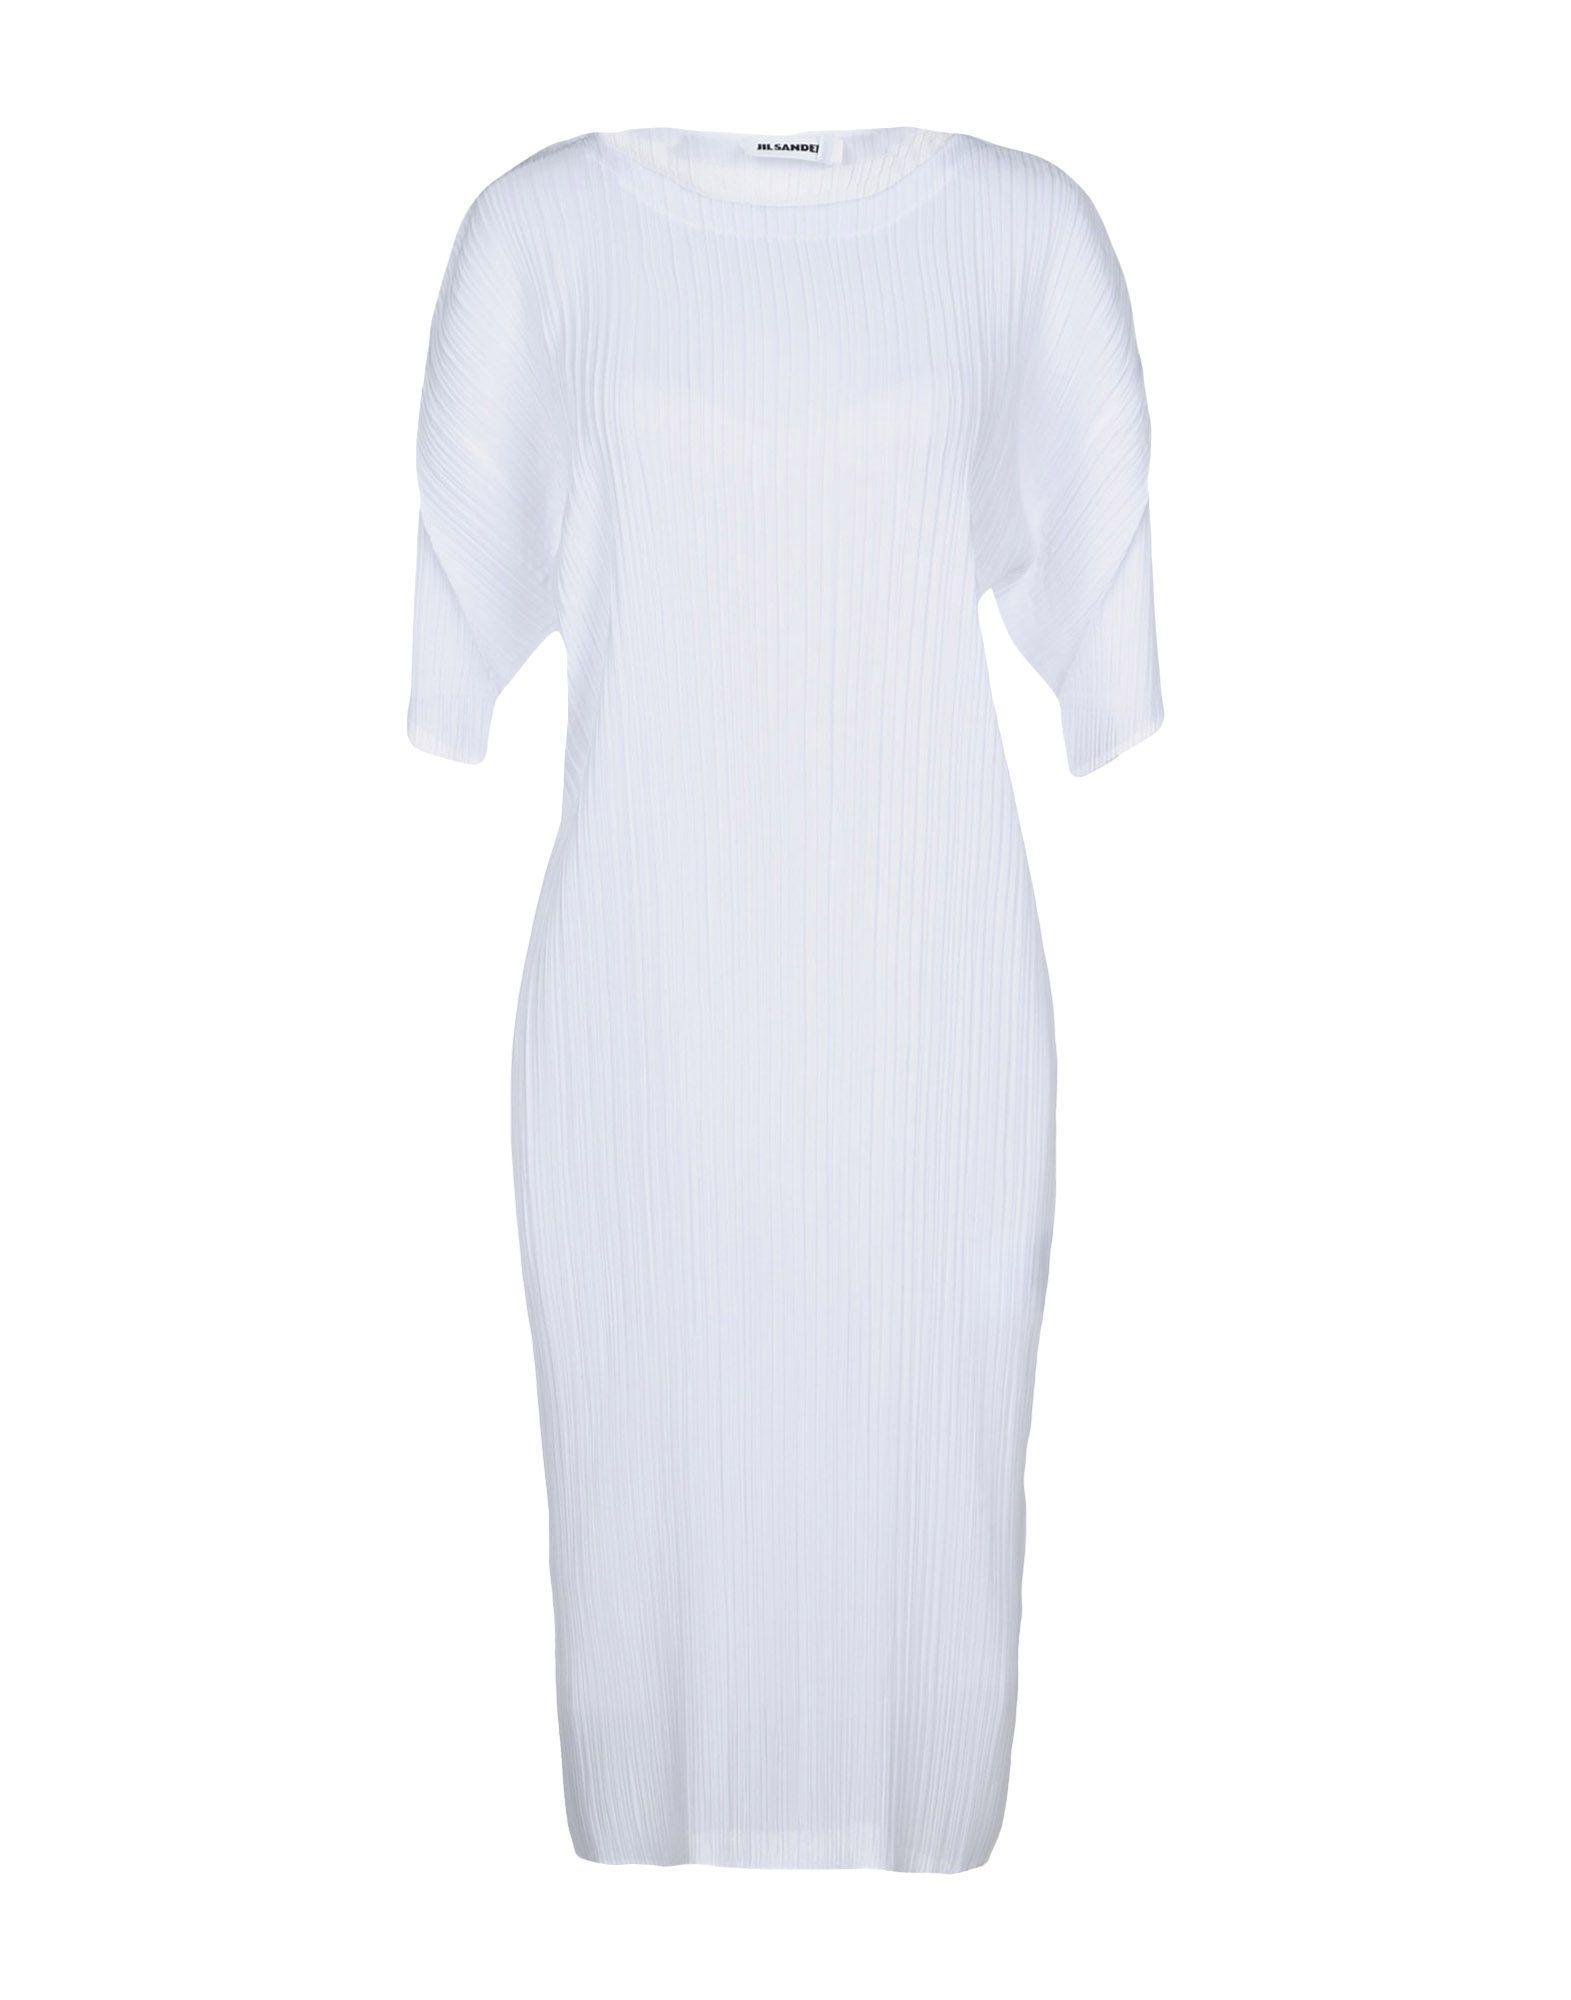 Jil Sander Knee-length Dress In White